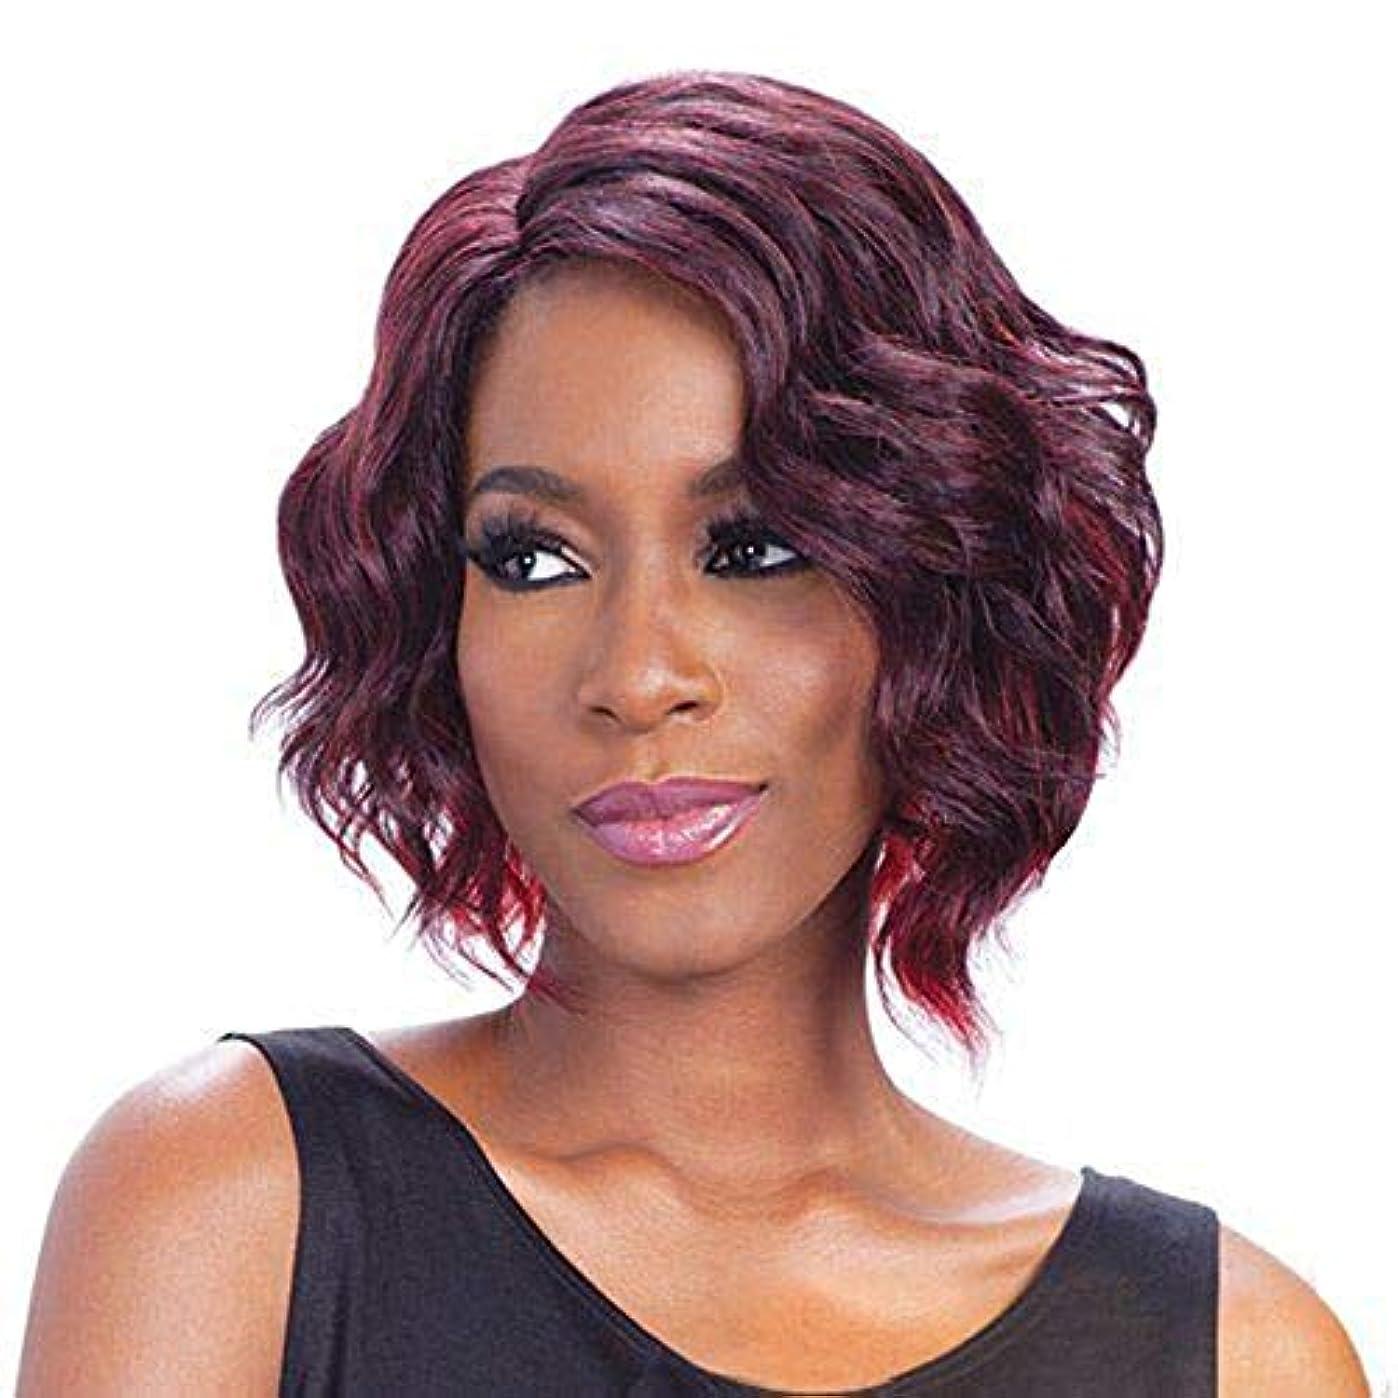 ダンス味手錠YOUQIU 無料キャップウィッグを持つ女性耐熱人工毛のための短いワインレッドカーリーボブウィッグ (色 : ワインレッド)